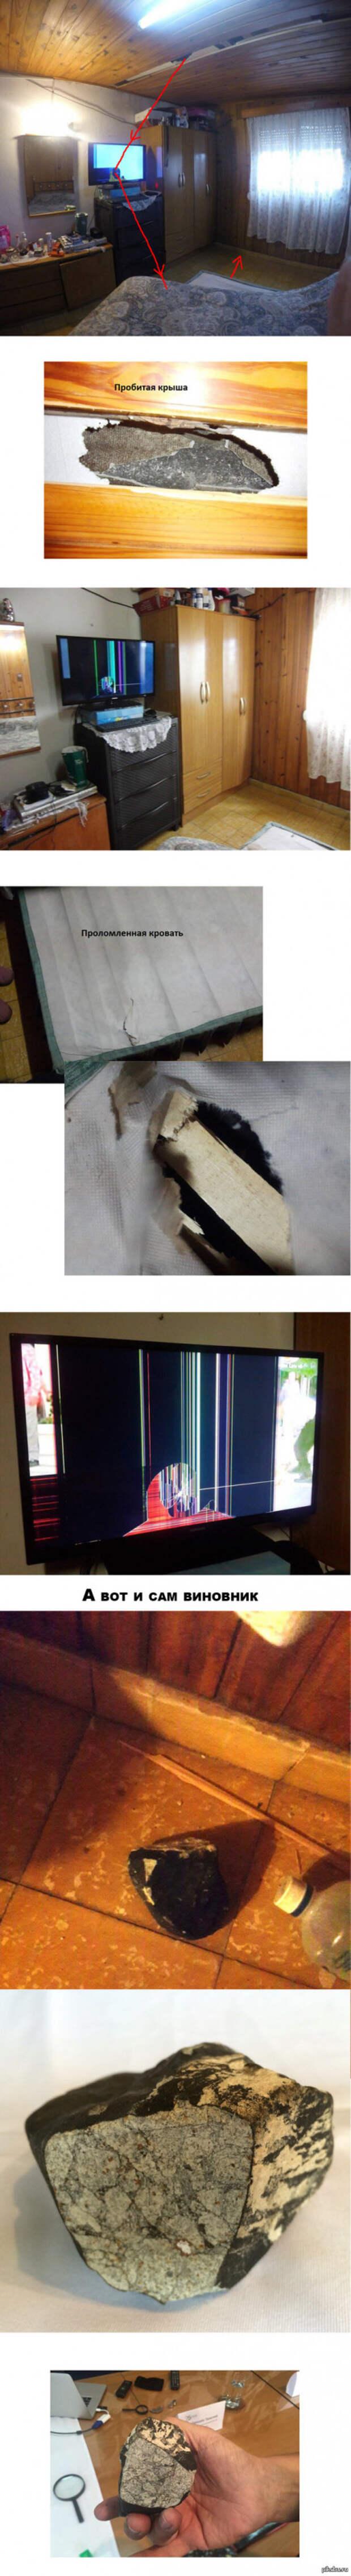 Какие были шансы на то... ...что,метеорит,который летал в космосе миллиарды лет,залетит к тебе в дом и раз**бет твой телевизор?